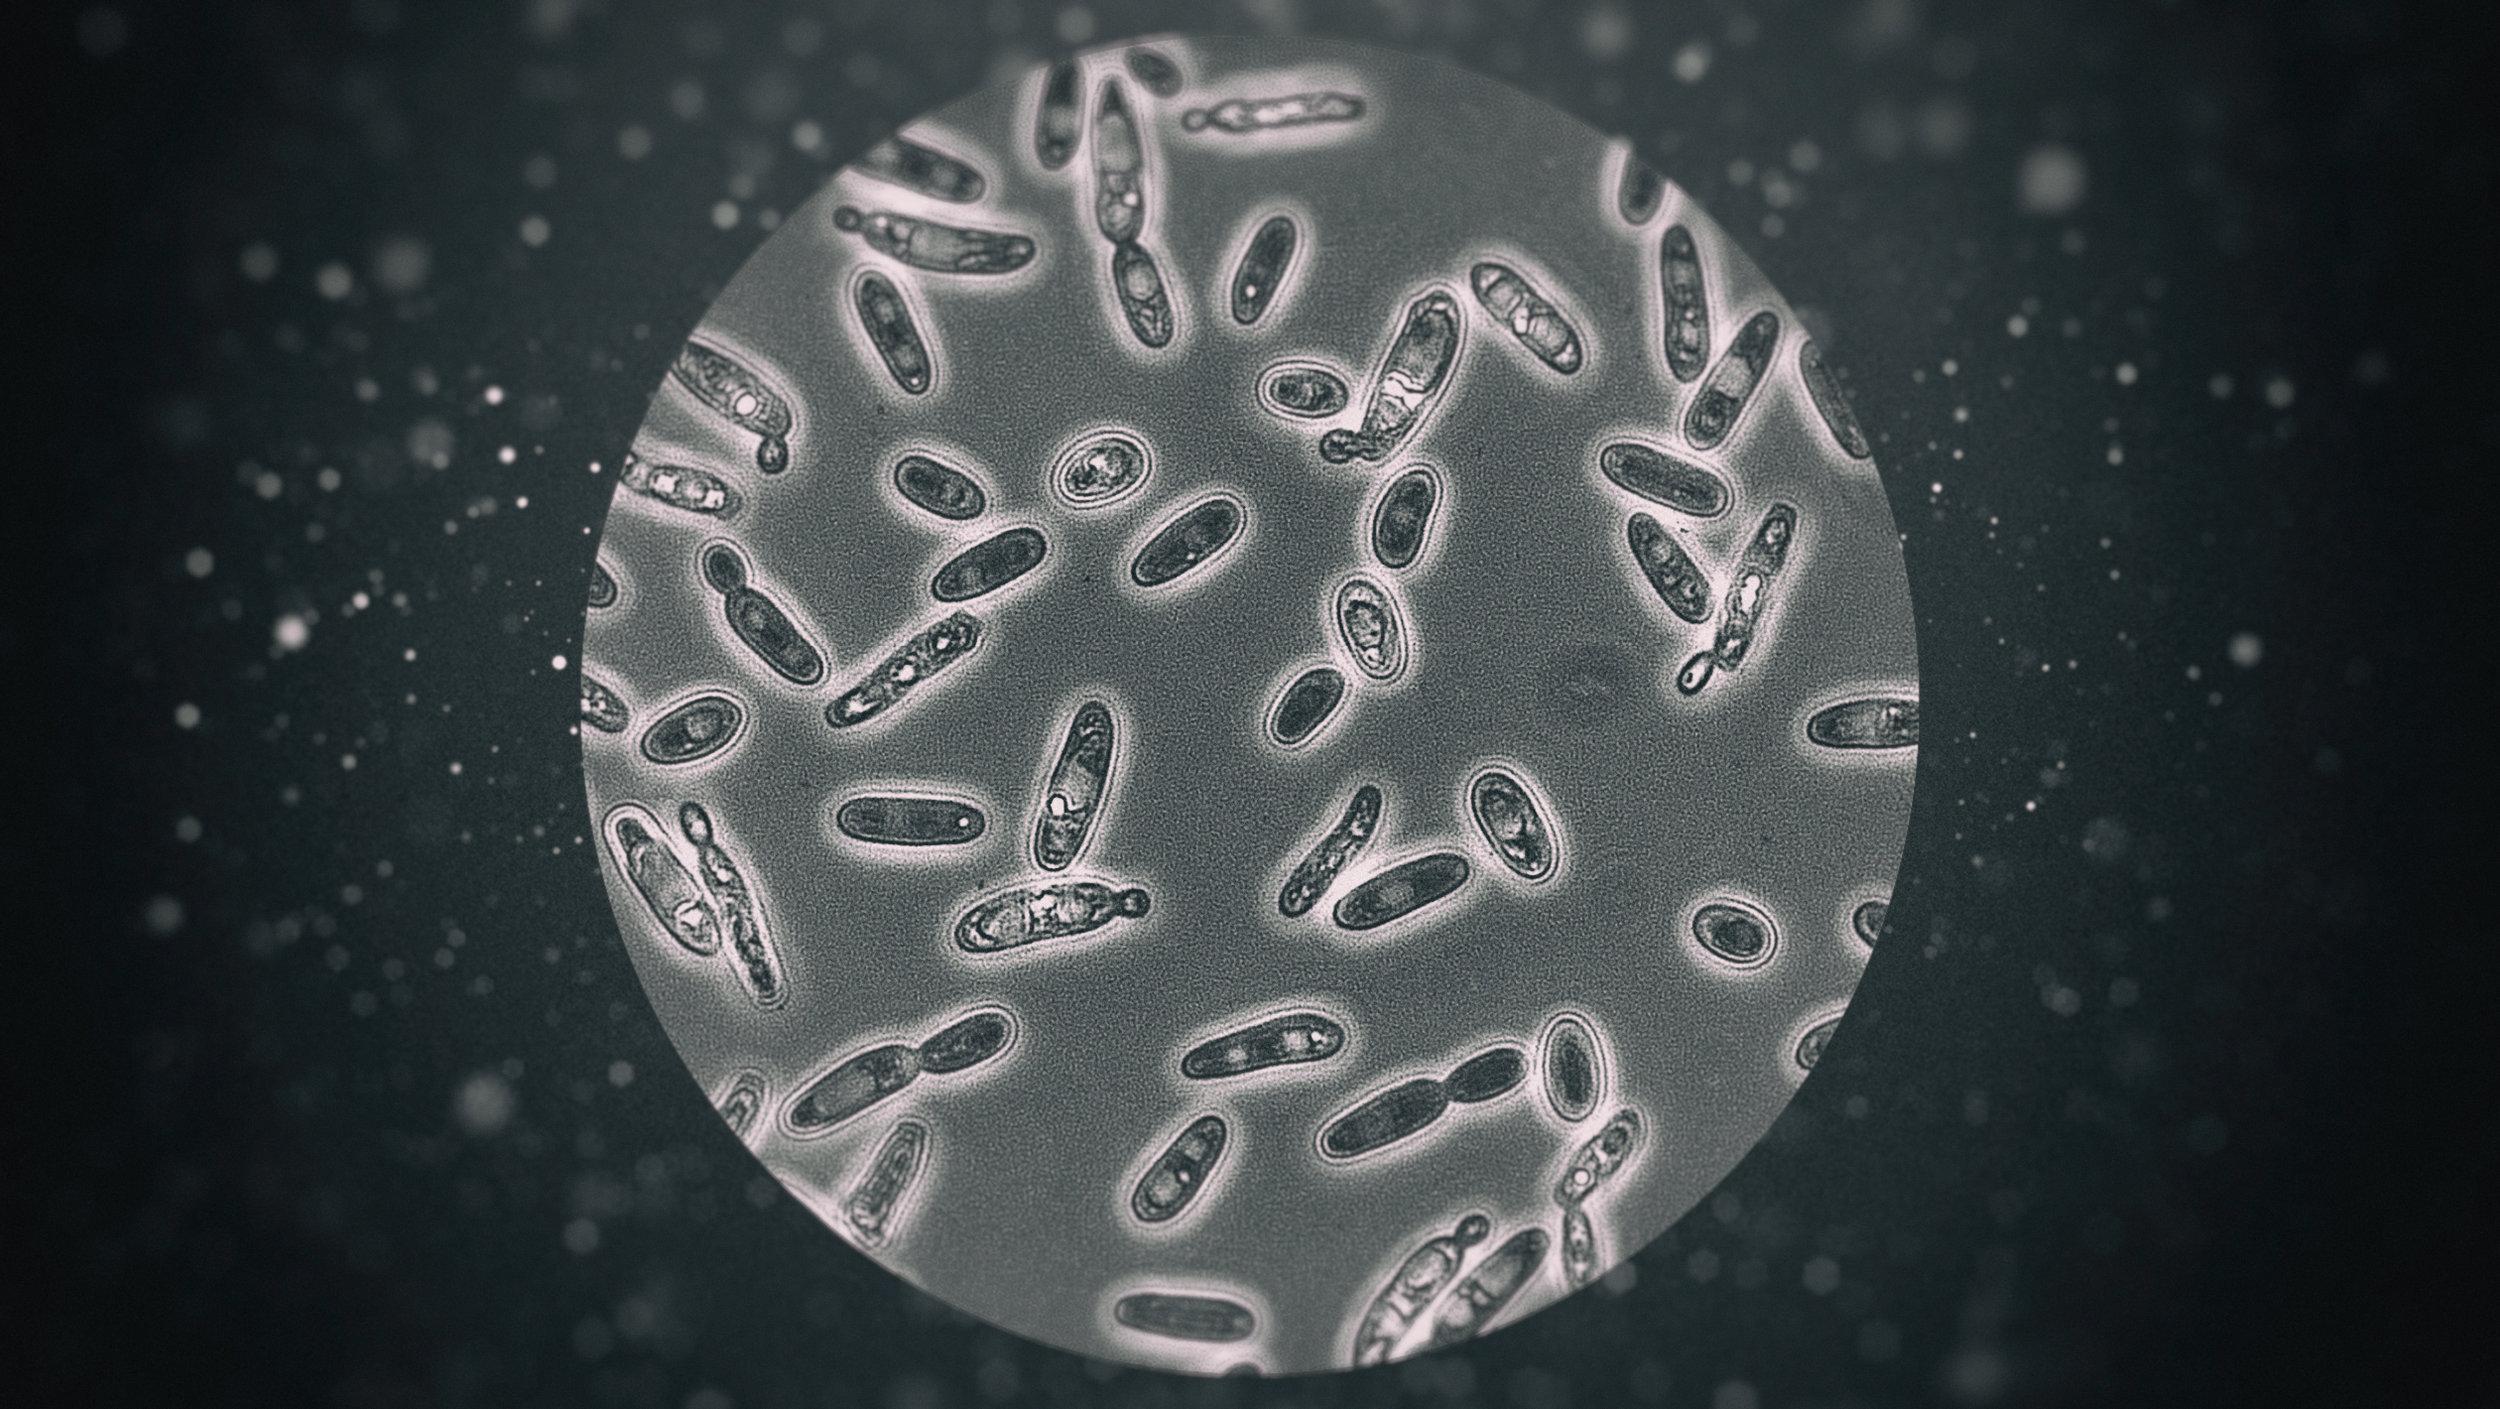 Le contrôle bactériologique - Brettanomyces (Copyright : Photo illo JQ)